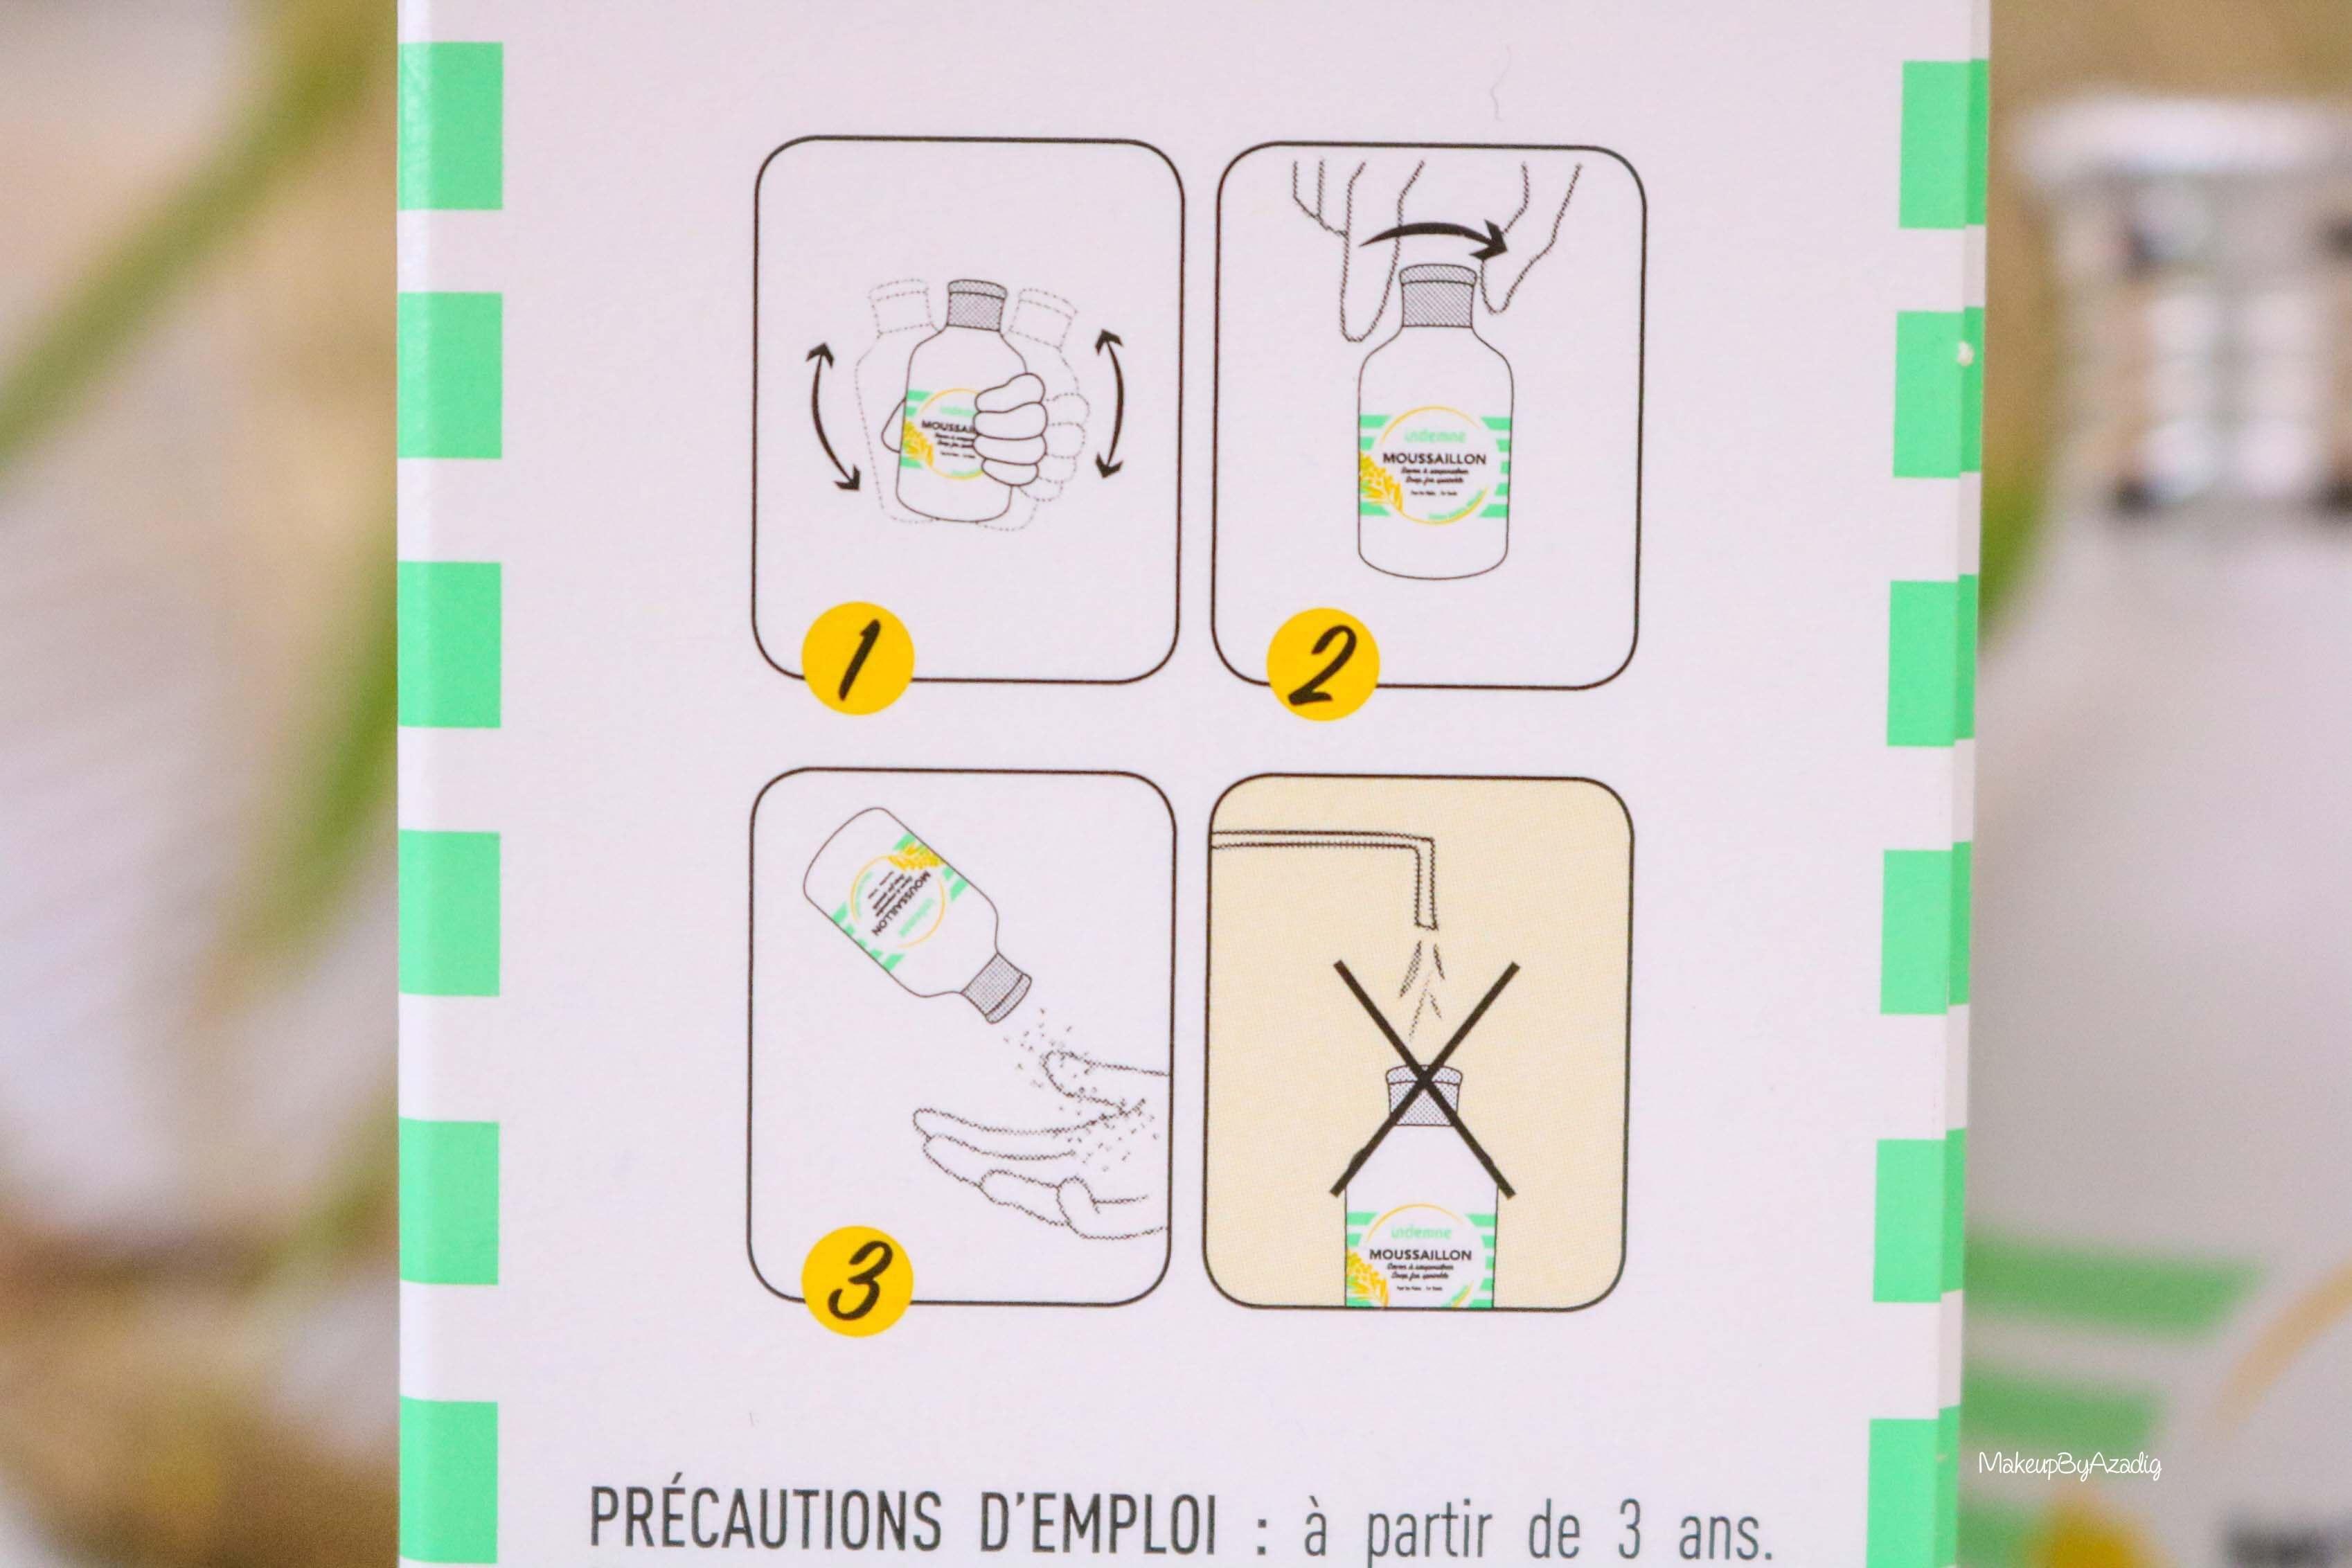 savon-saupoudrer-famille-enfant-moussaillon-indemne-avis-prix-makeupbyazadig-limitee-mimosa-provence-toulouse-utilisation